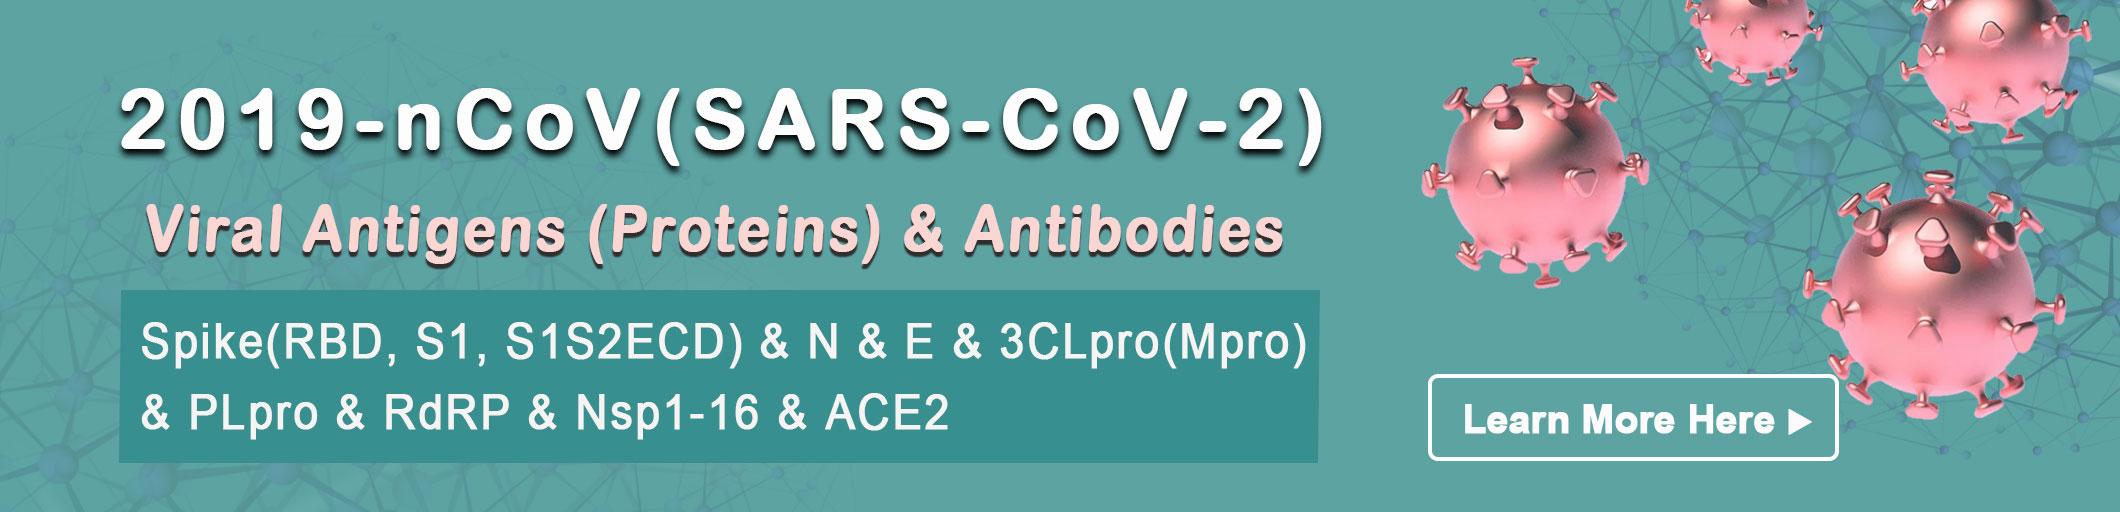 coronavirus antigen